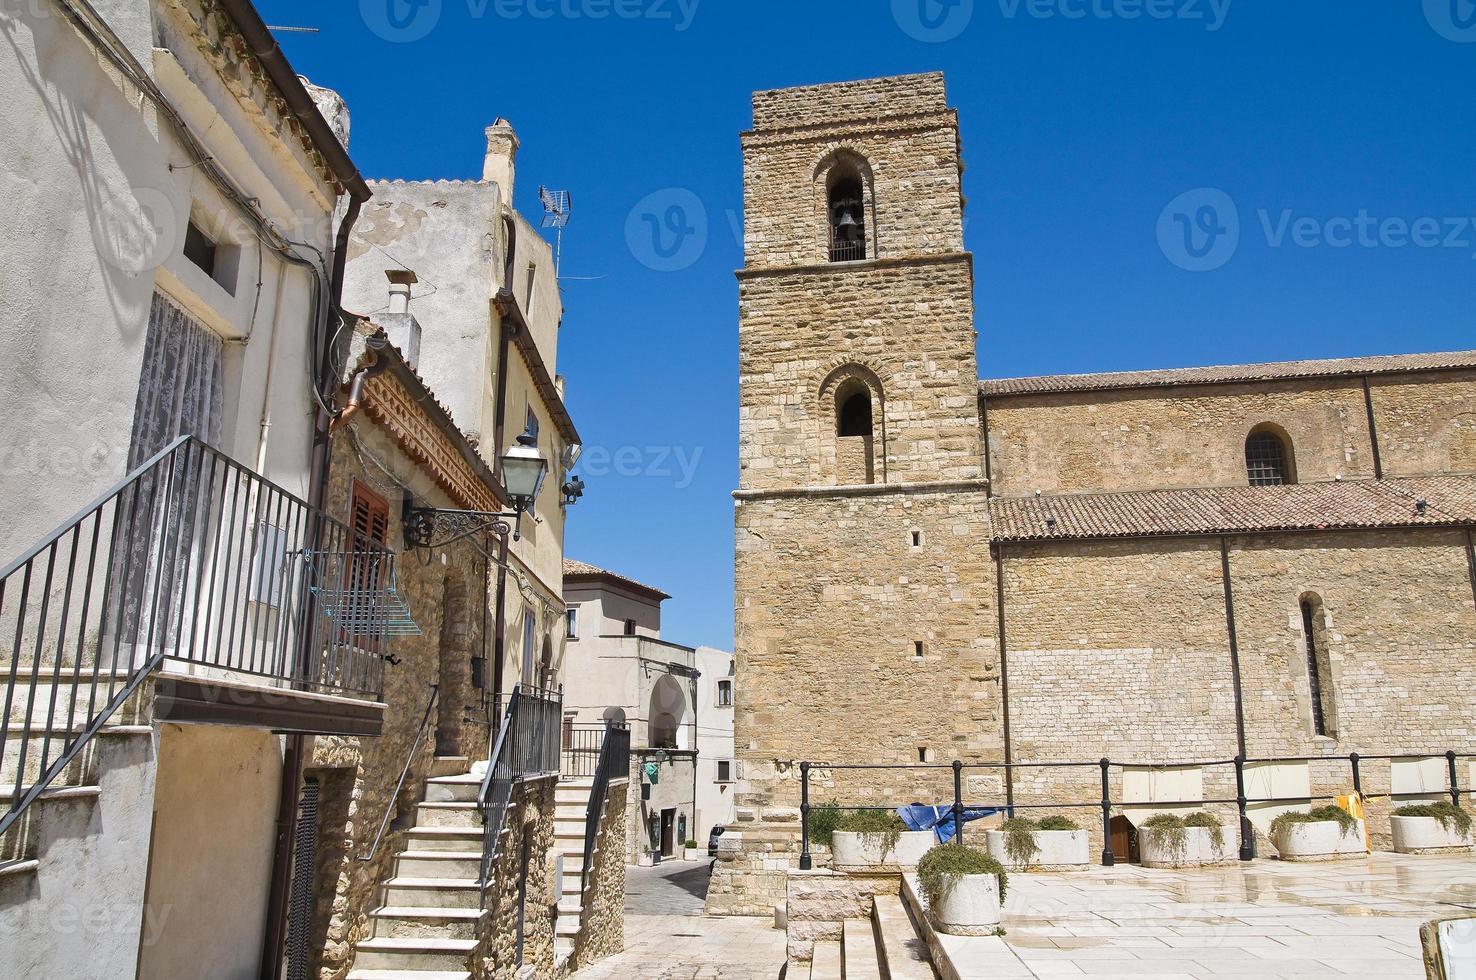 cattedrale di acerenza. basilicata. Italia. foto